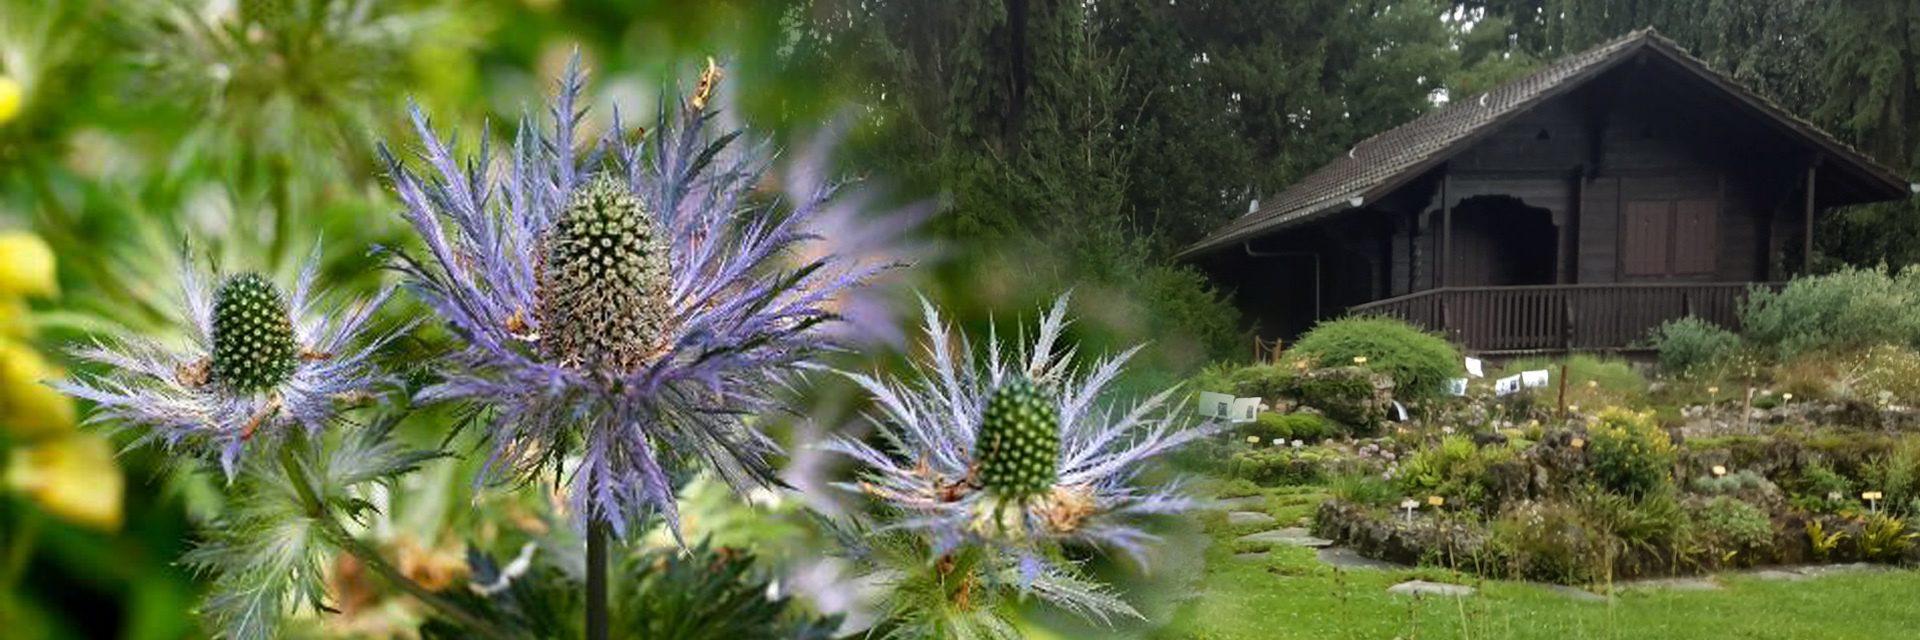 jardin-alpin-1920x640